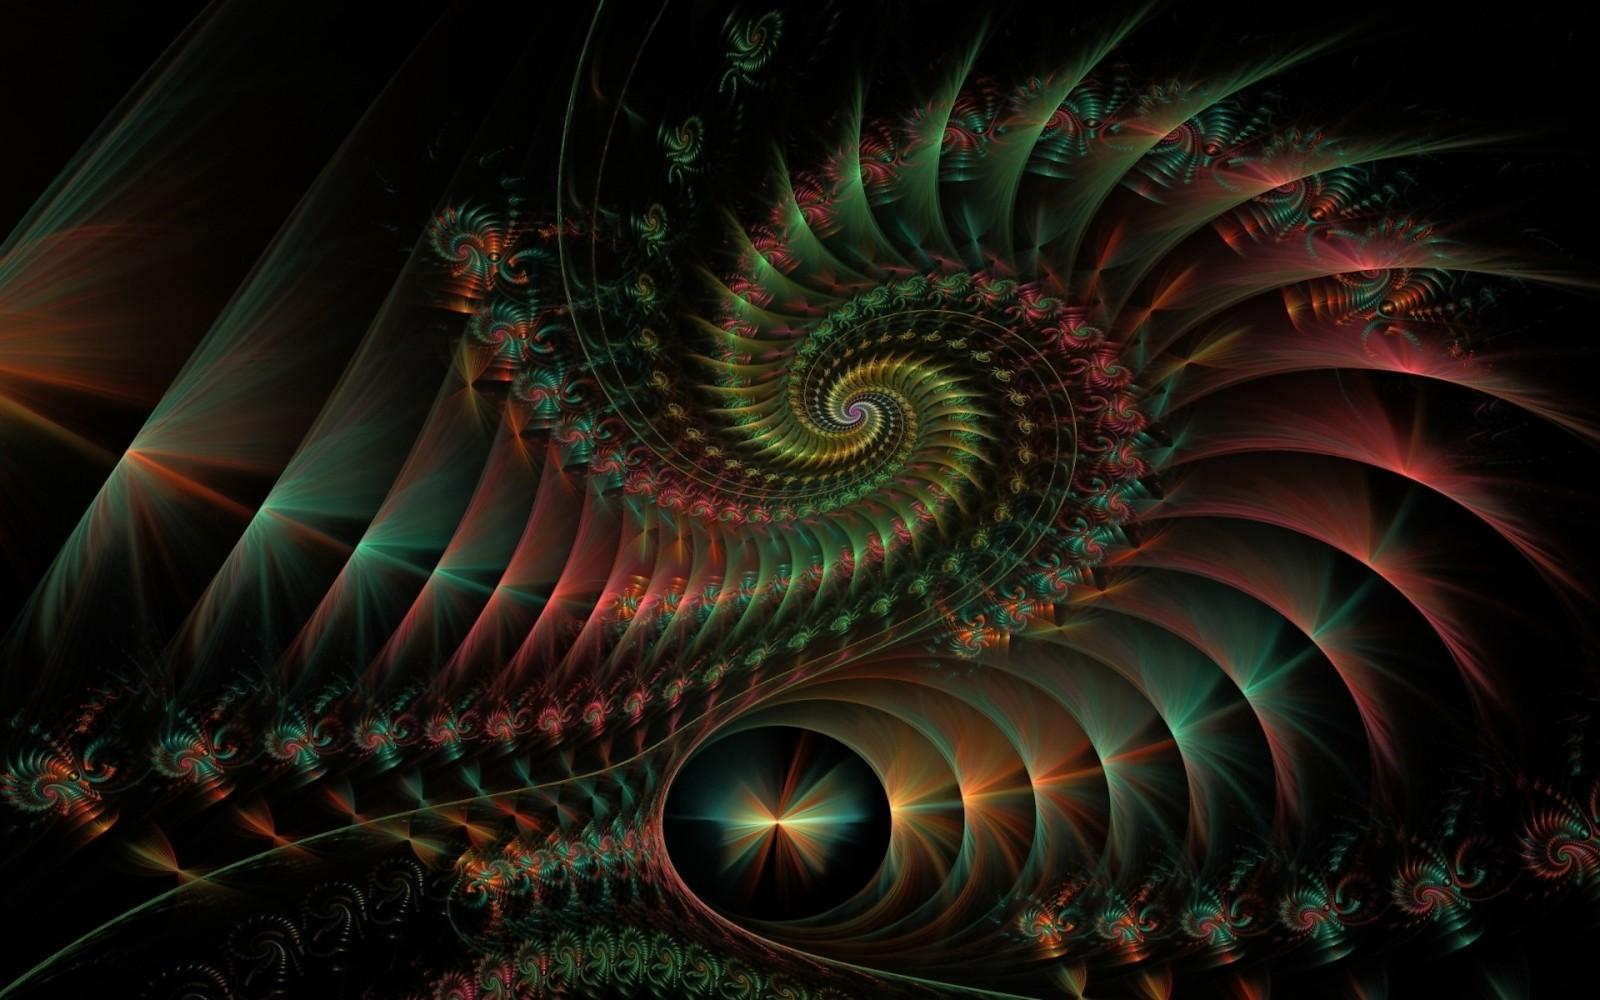 Hình ảnh ảo giác 3D đẹp